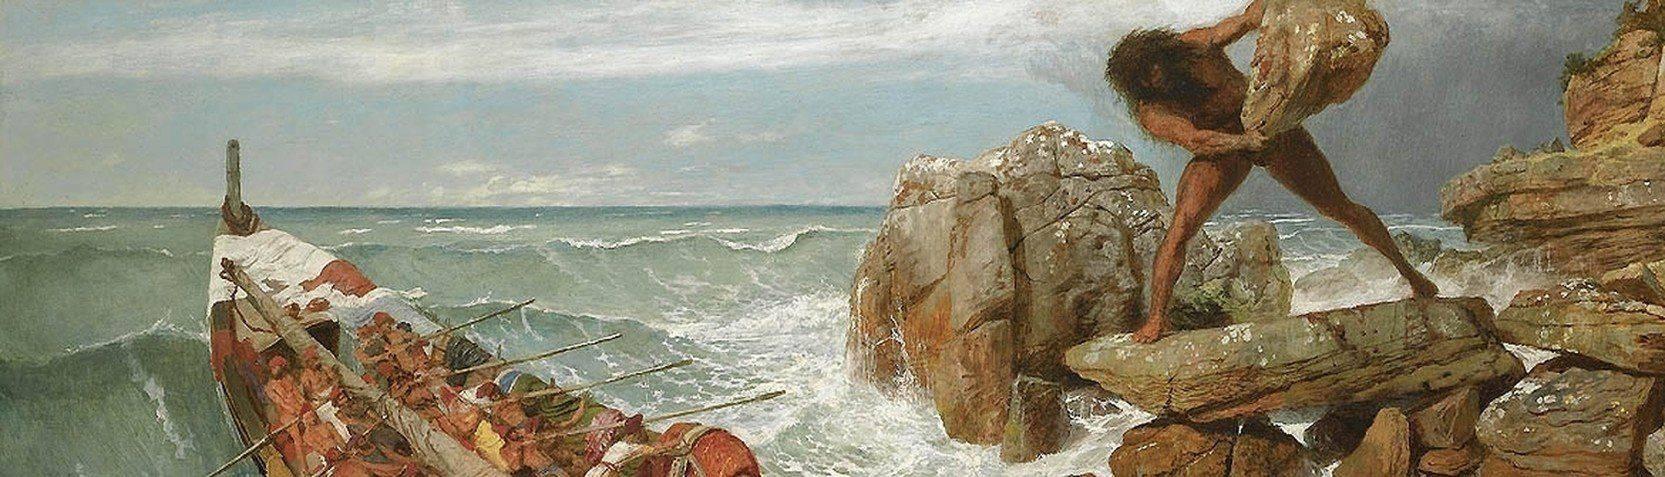 Künstler - Arnold Böcklin